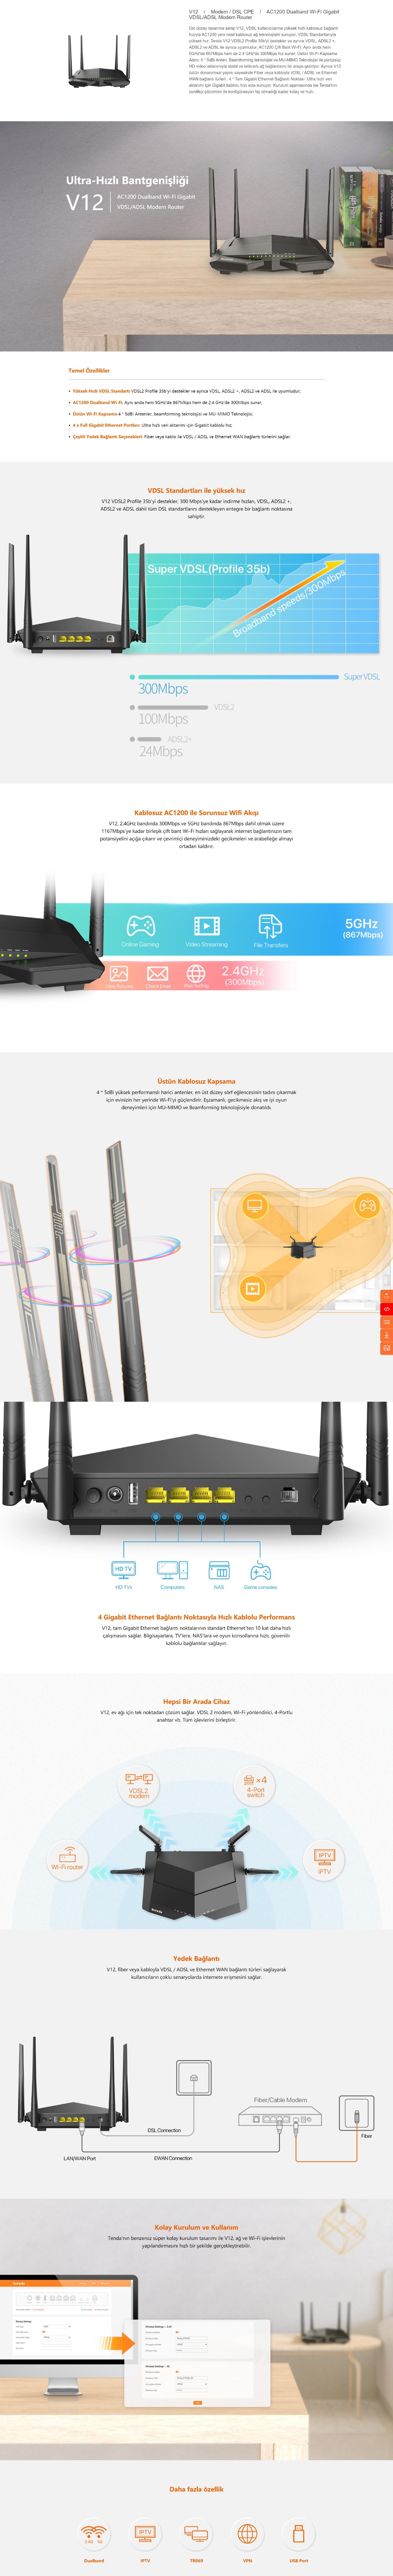 Tenda V12 1200 Mbps 4 Port 5 GHz VDSL2/ADSL2+ Modem